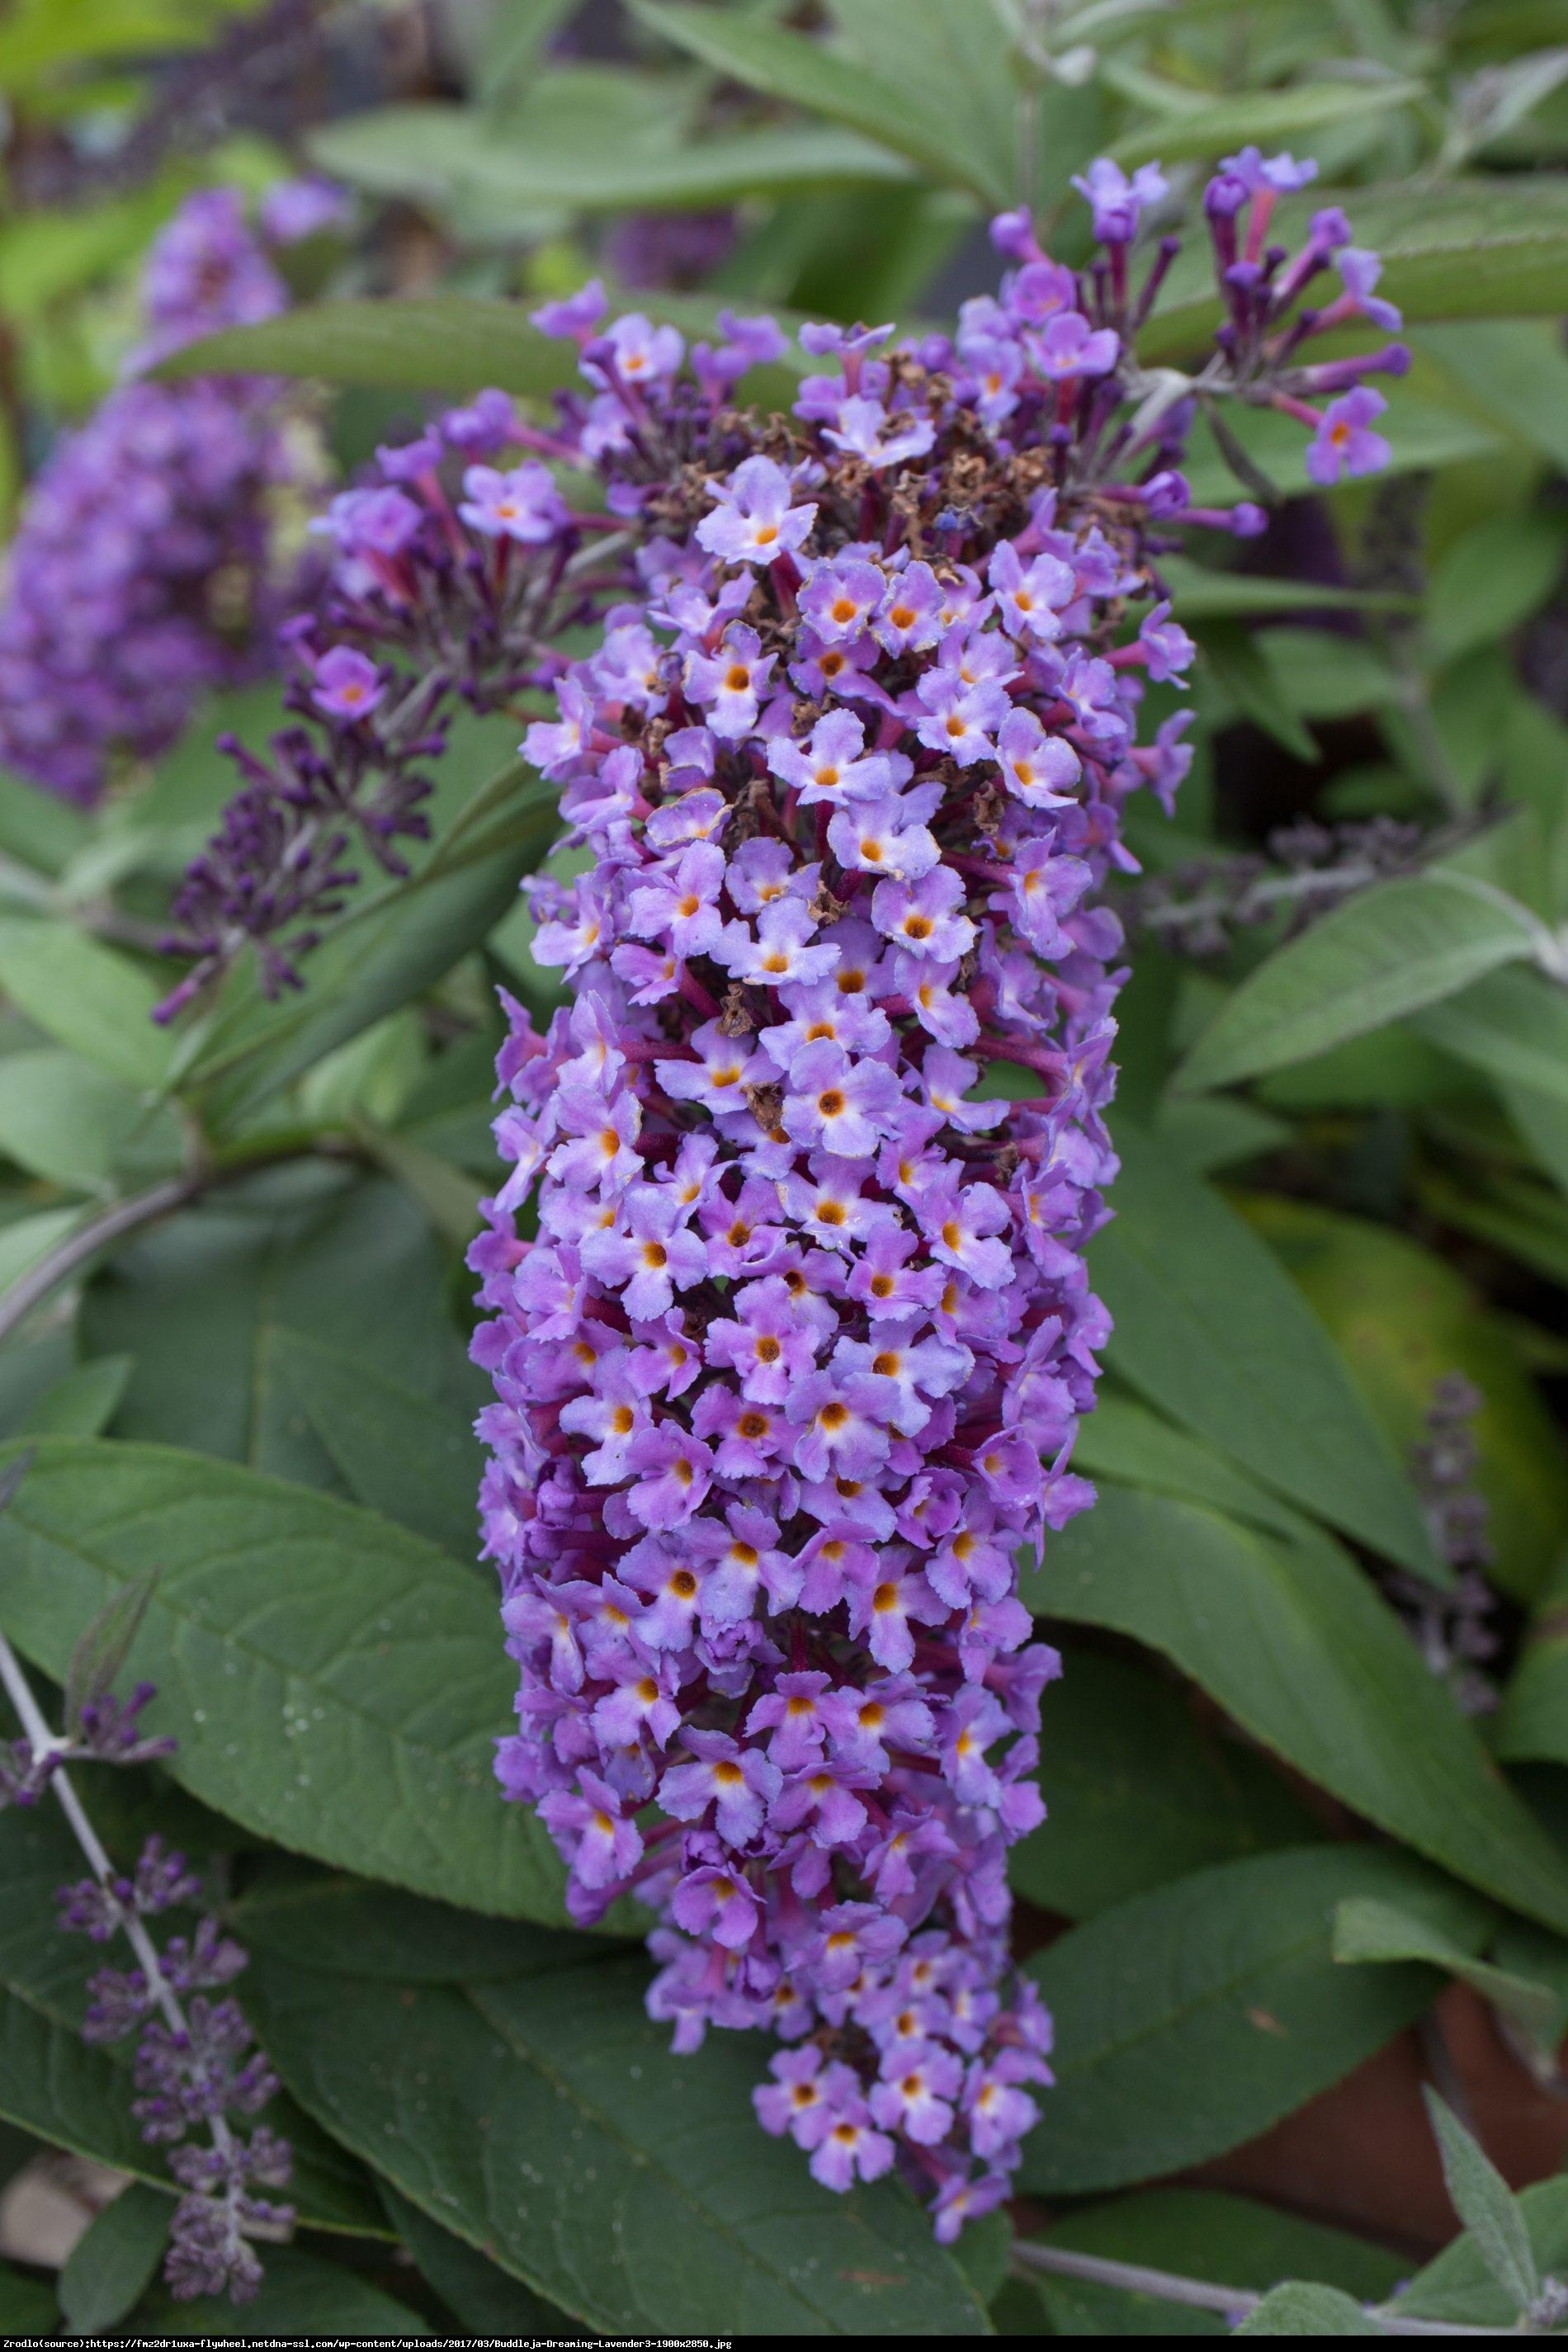 Budleja Dreaming Lavender - Buddleja Dreaming Lavender